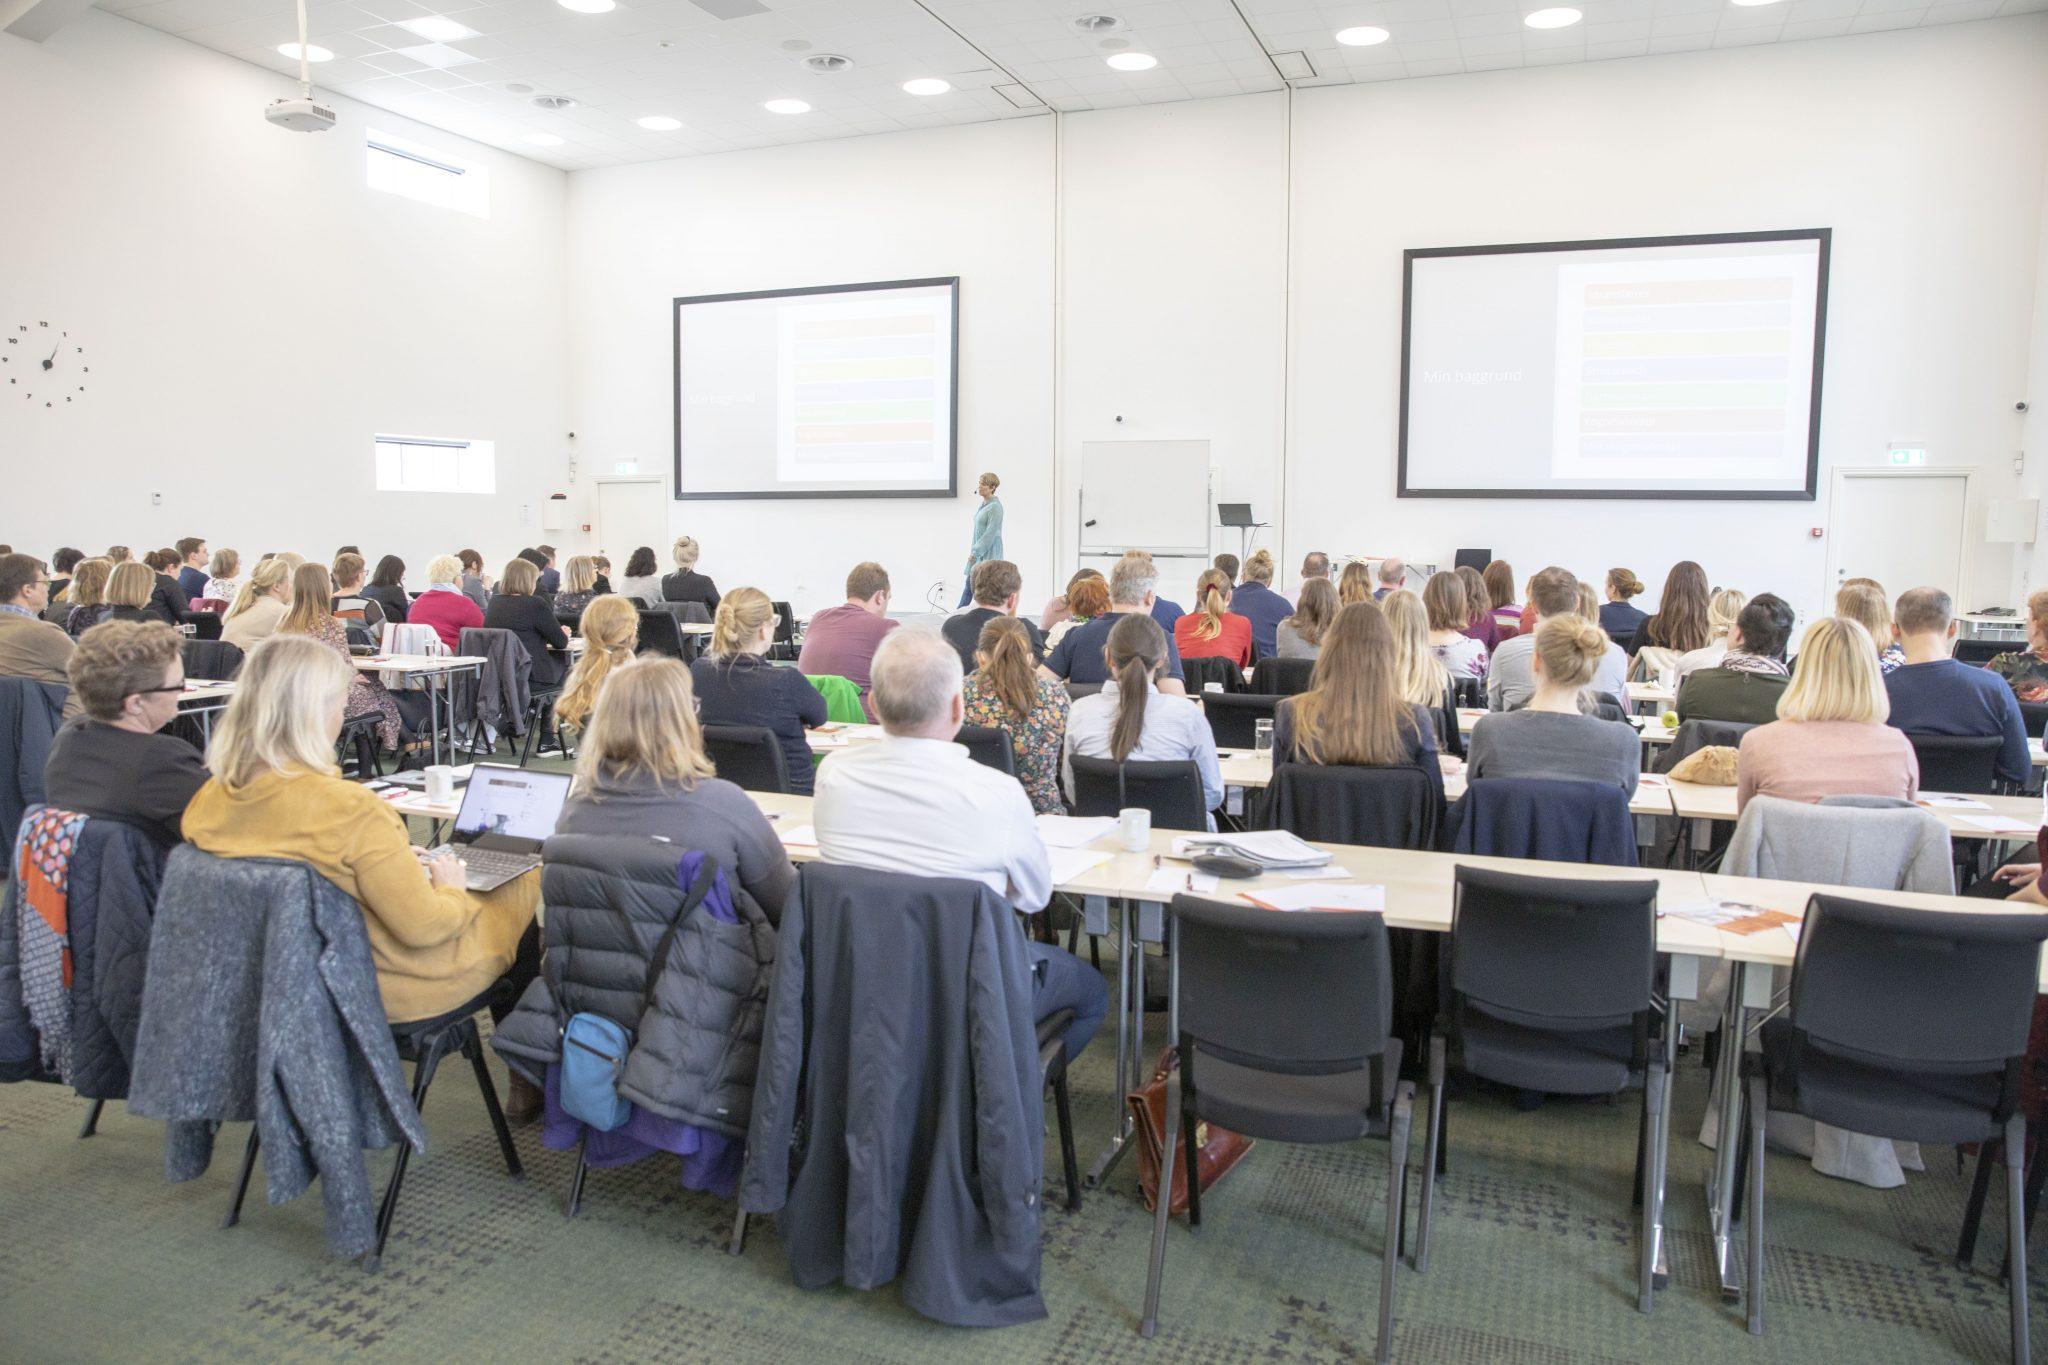 Konference om stress